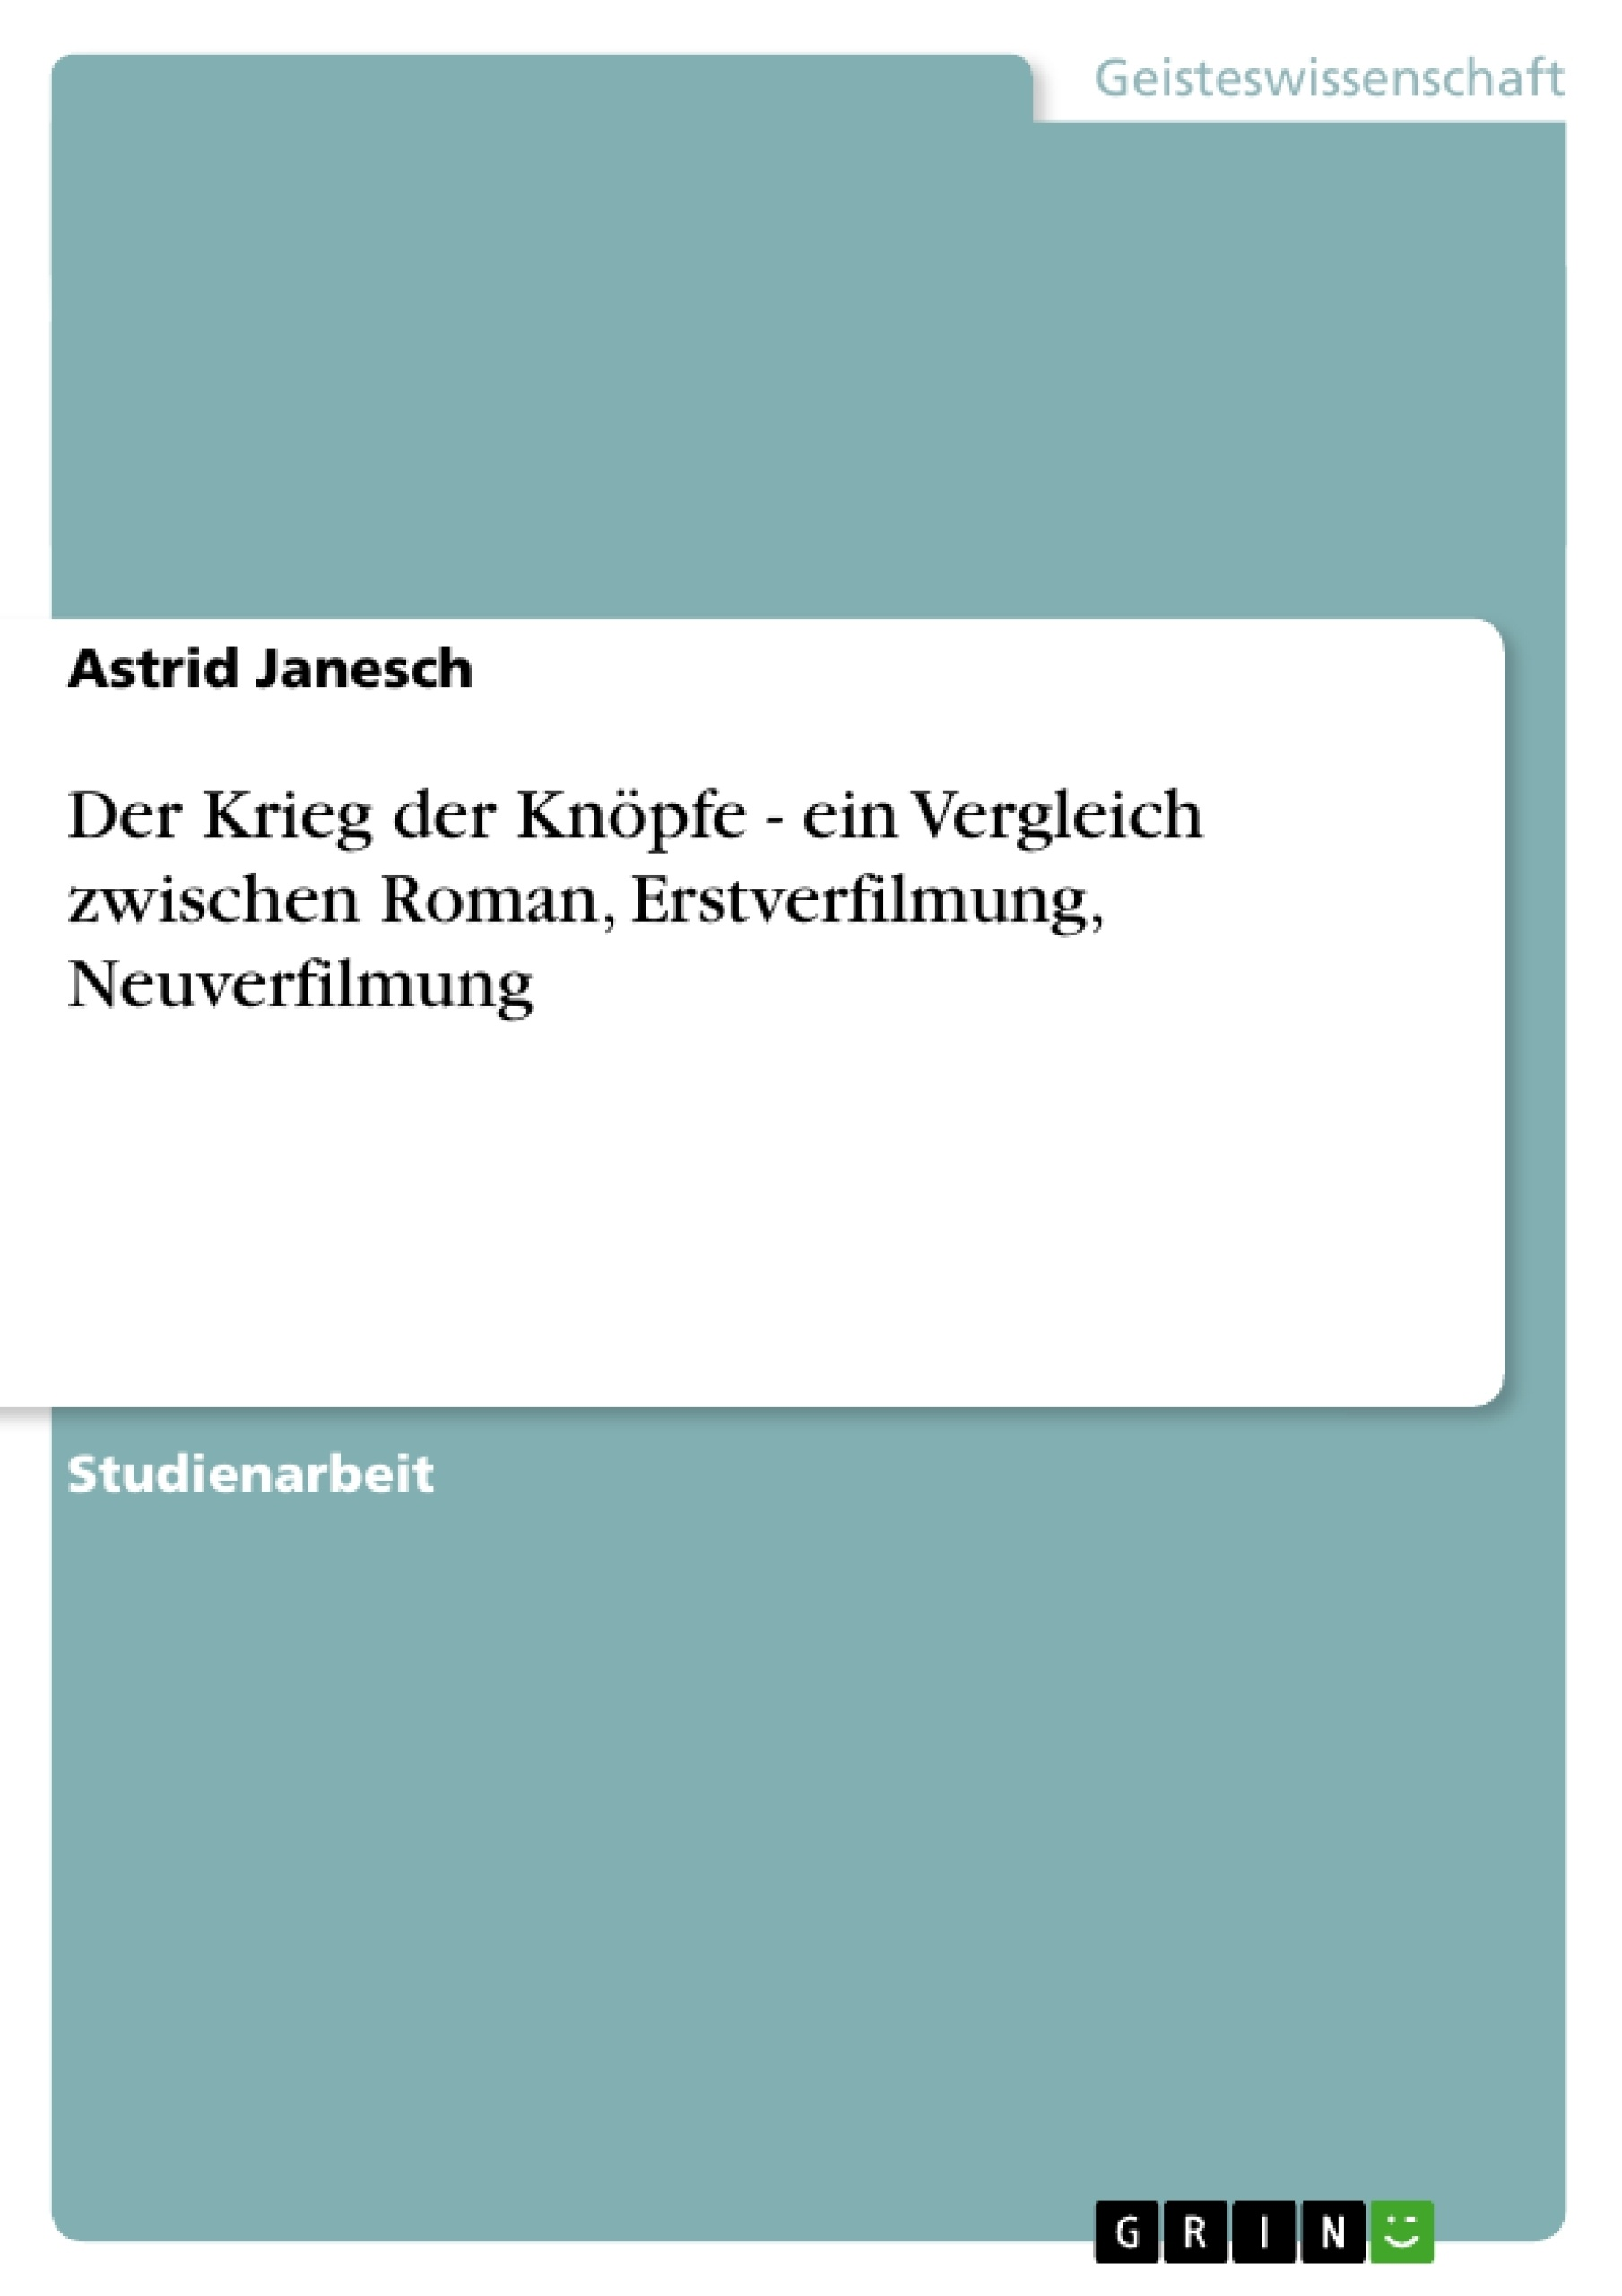 Titel: Der Krieg der Knöpfe - ein Vergleich zwischen Roman, Erstverfilmung, Neuverfilmung